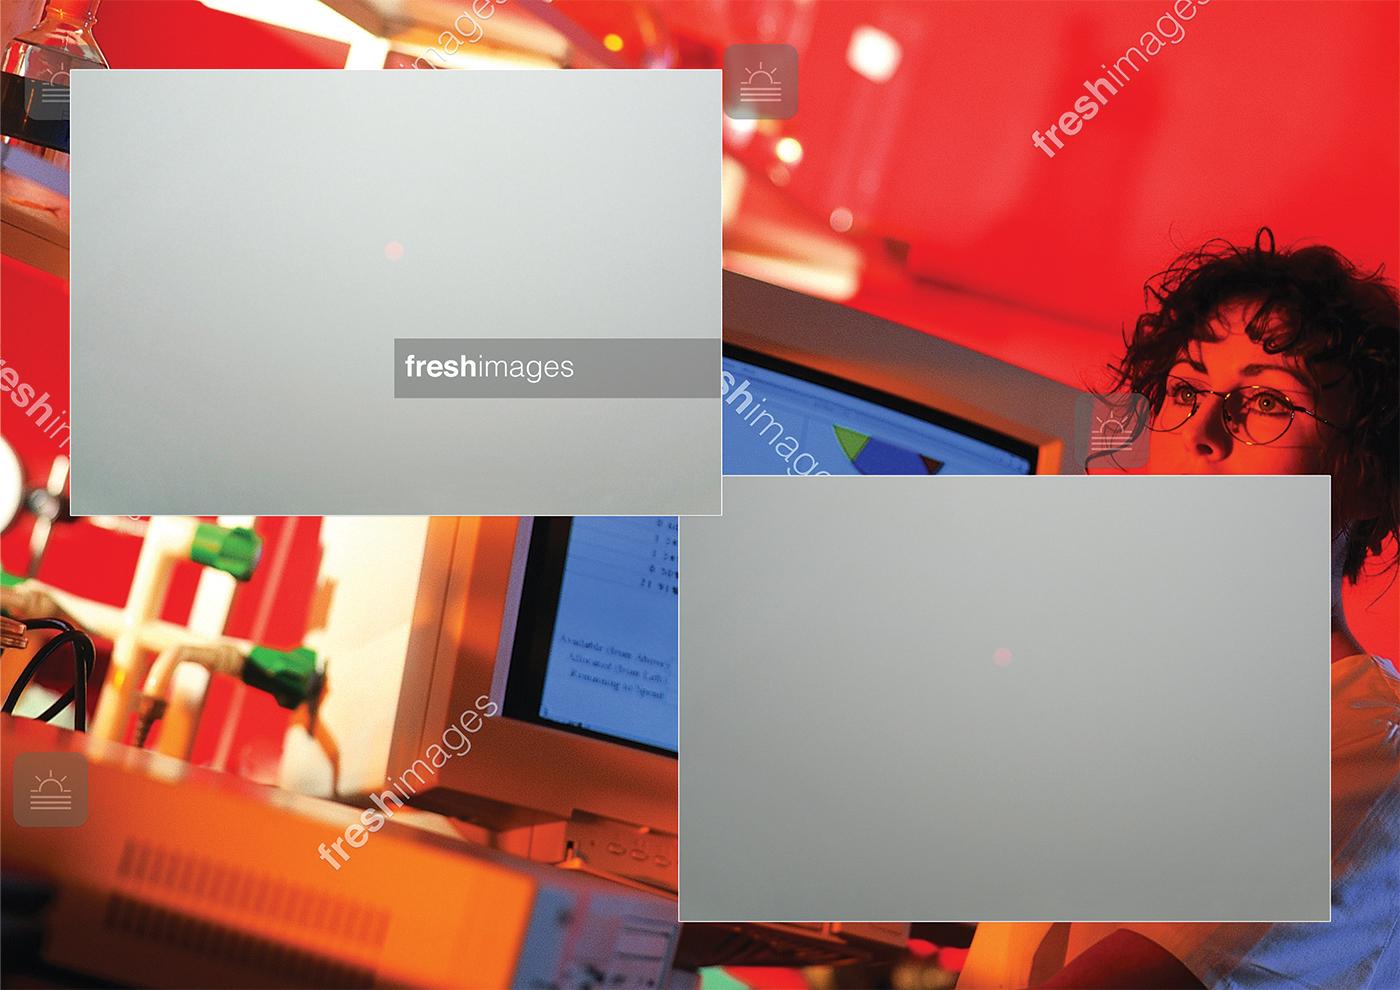 freshimage_009